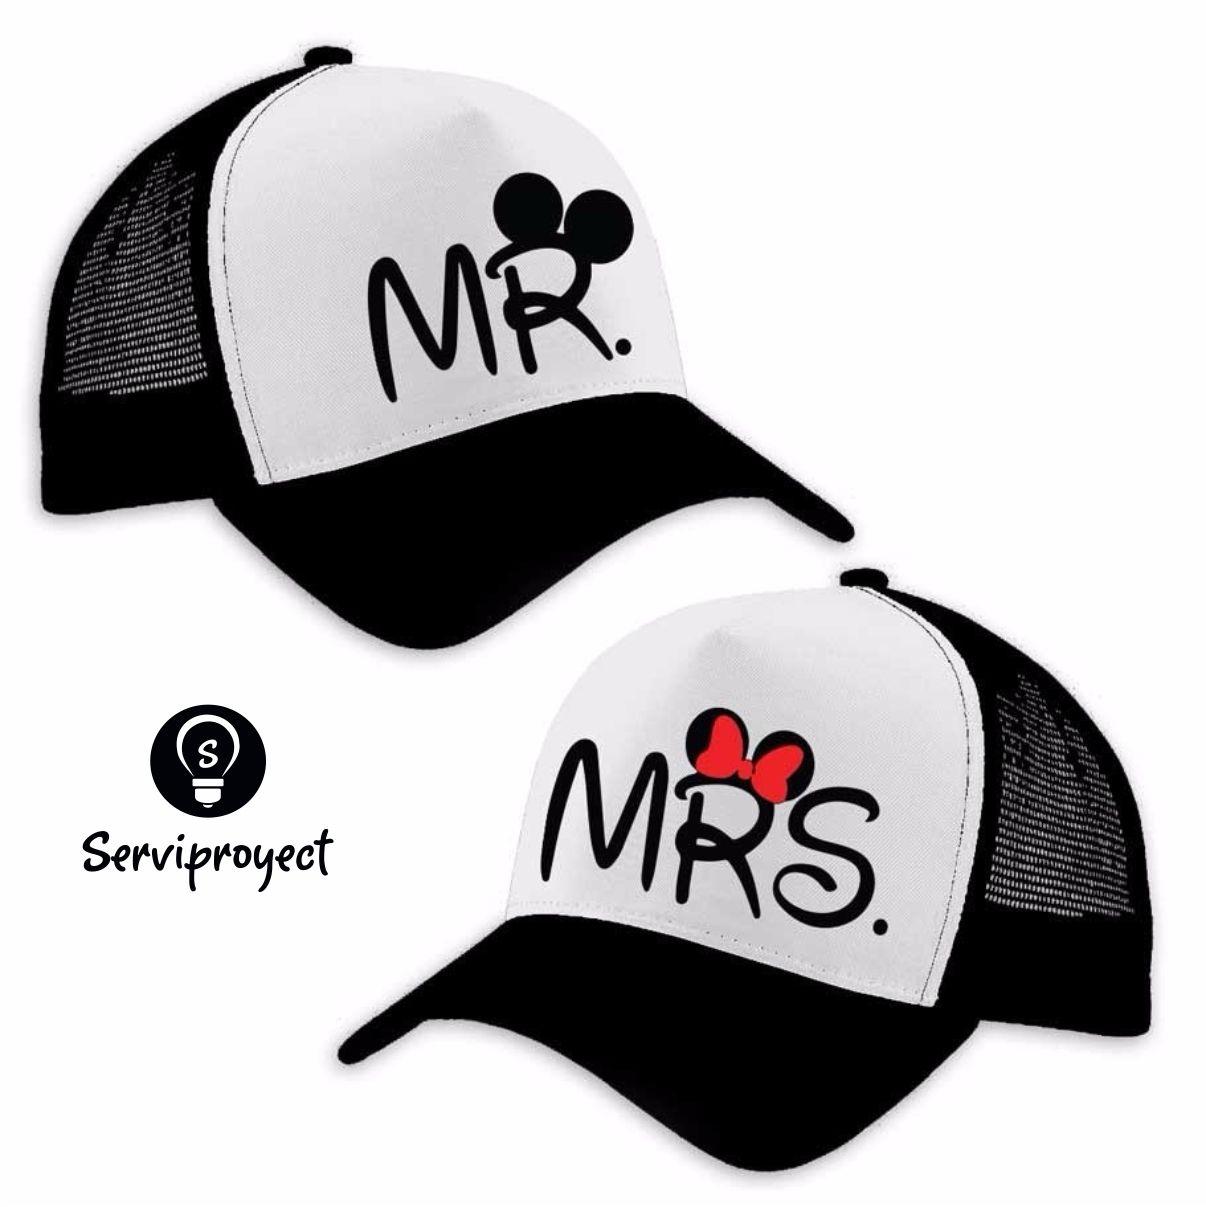 Gorras personalizadas. Ideas para regalos en pareja. Gorras tipo trucker b75815f3570